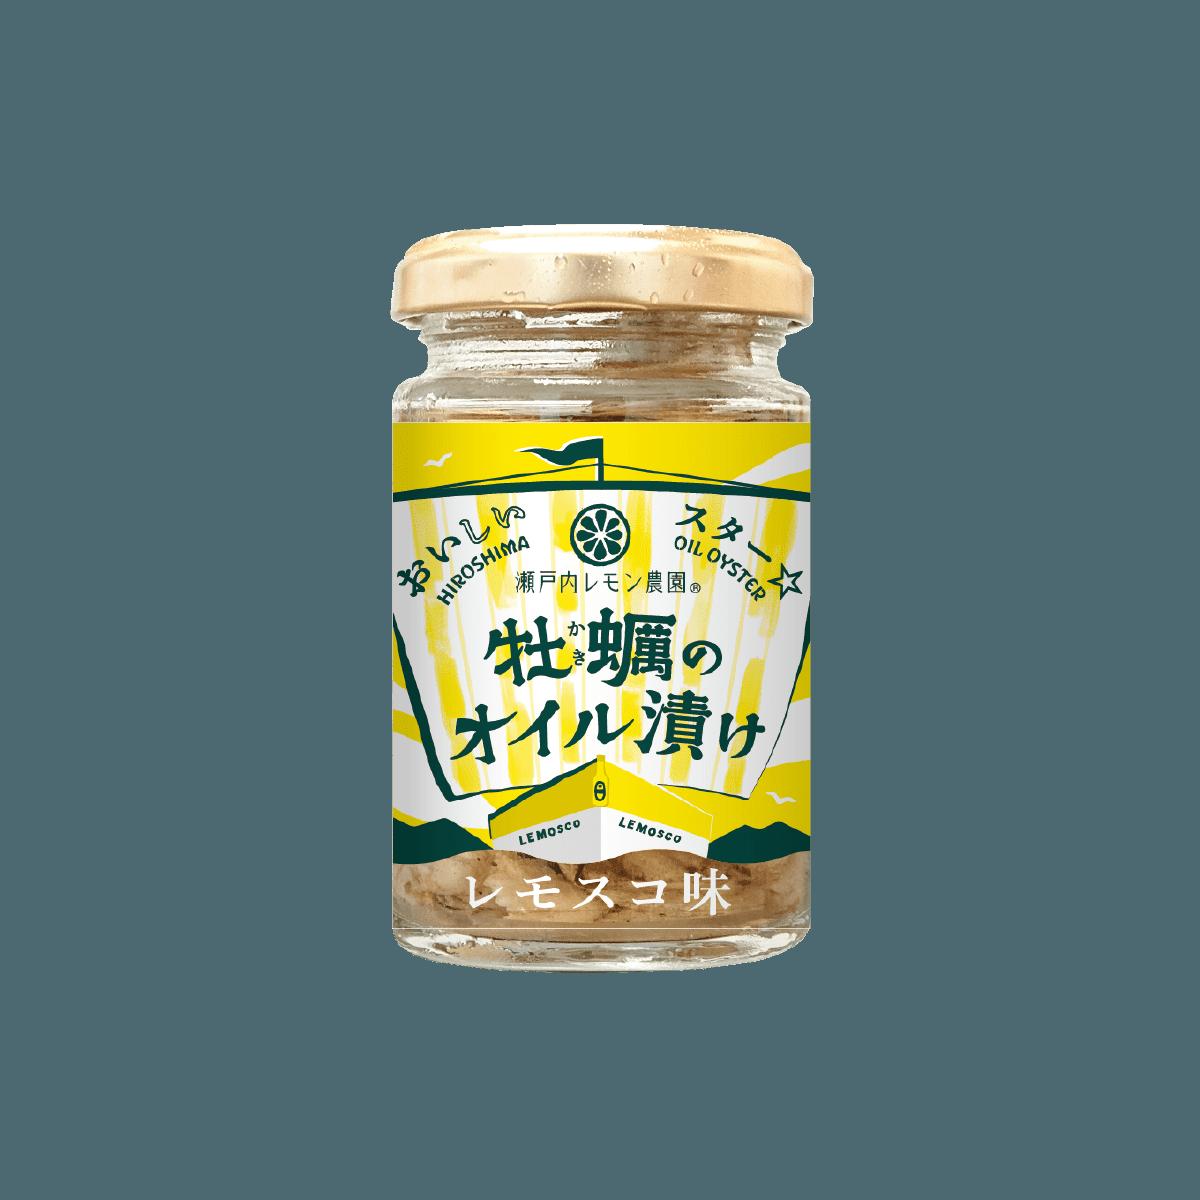 おいしいスター 牡蠣のオイル漬け レモスコ味